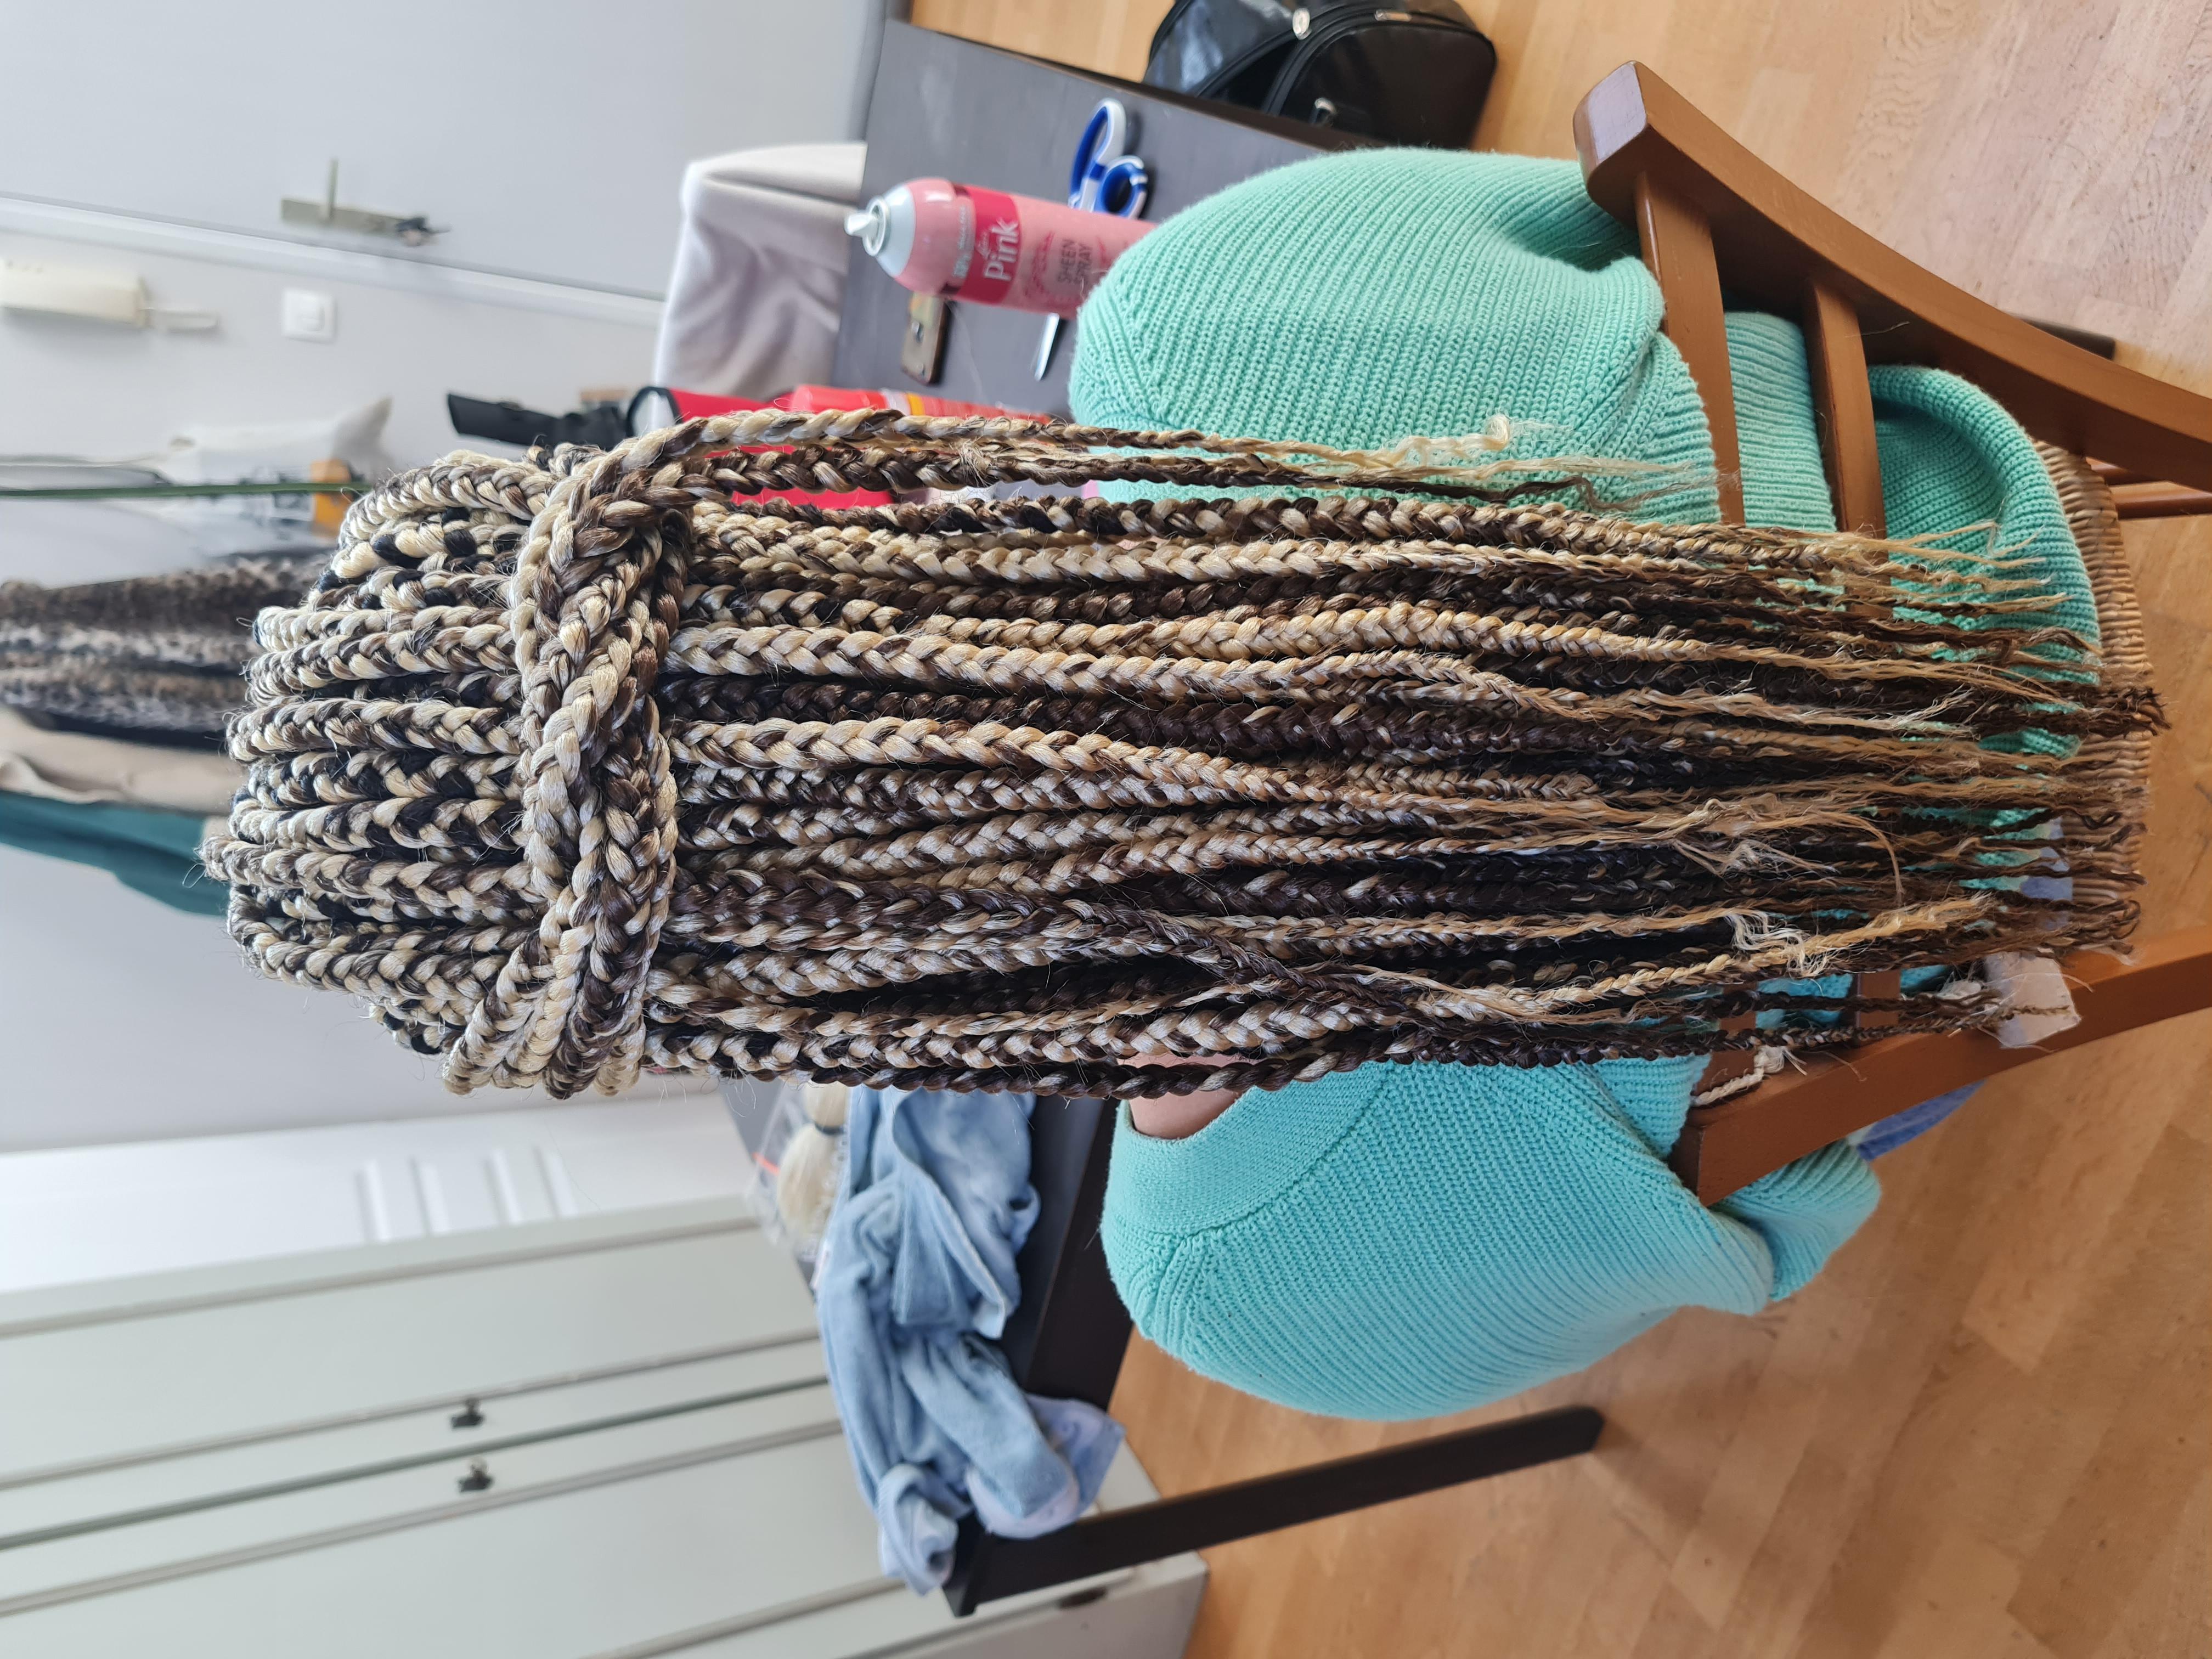 salon de coiffure afro tresse tresses box braids crochet braids vanilles tissages paris 75 77 78 91 92 93 94 95 ATKIARHL